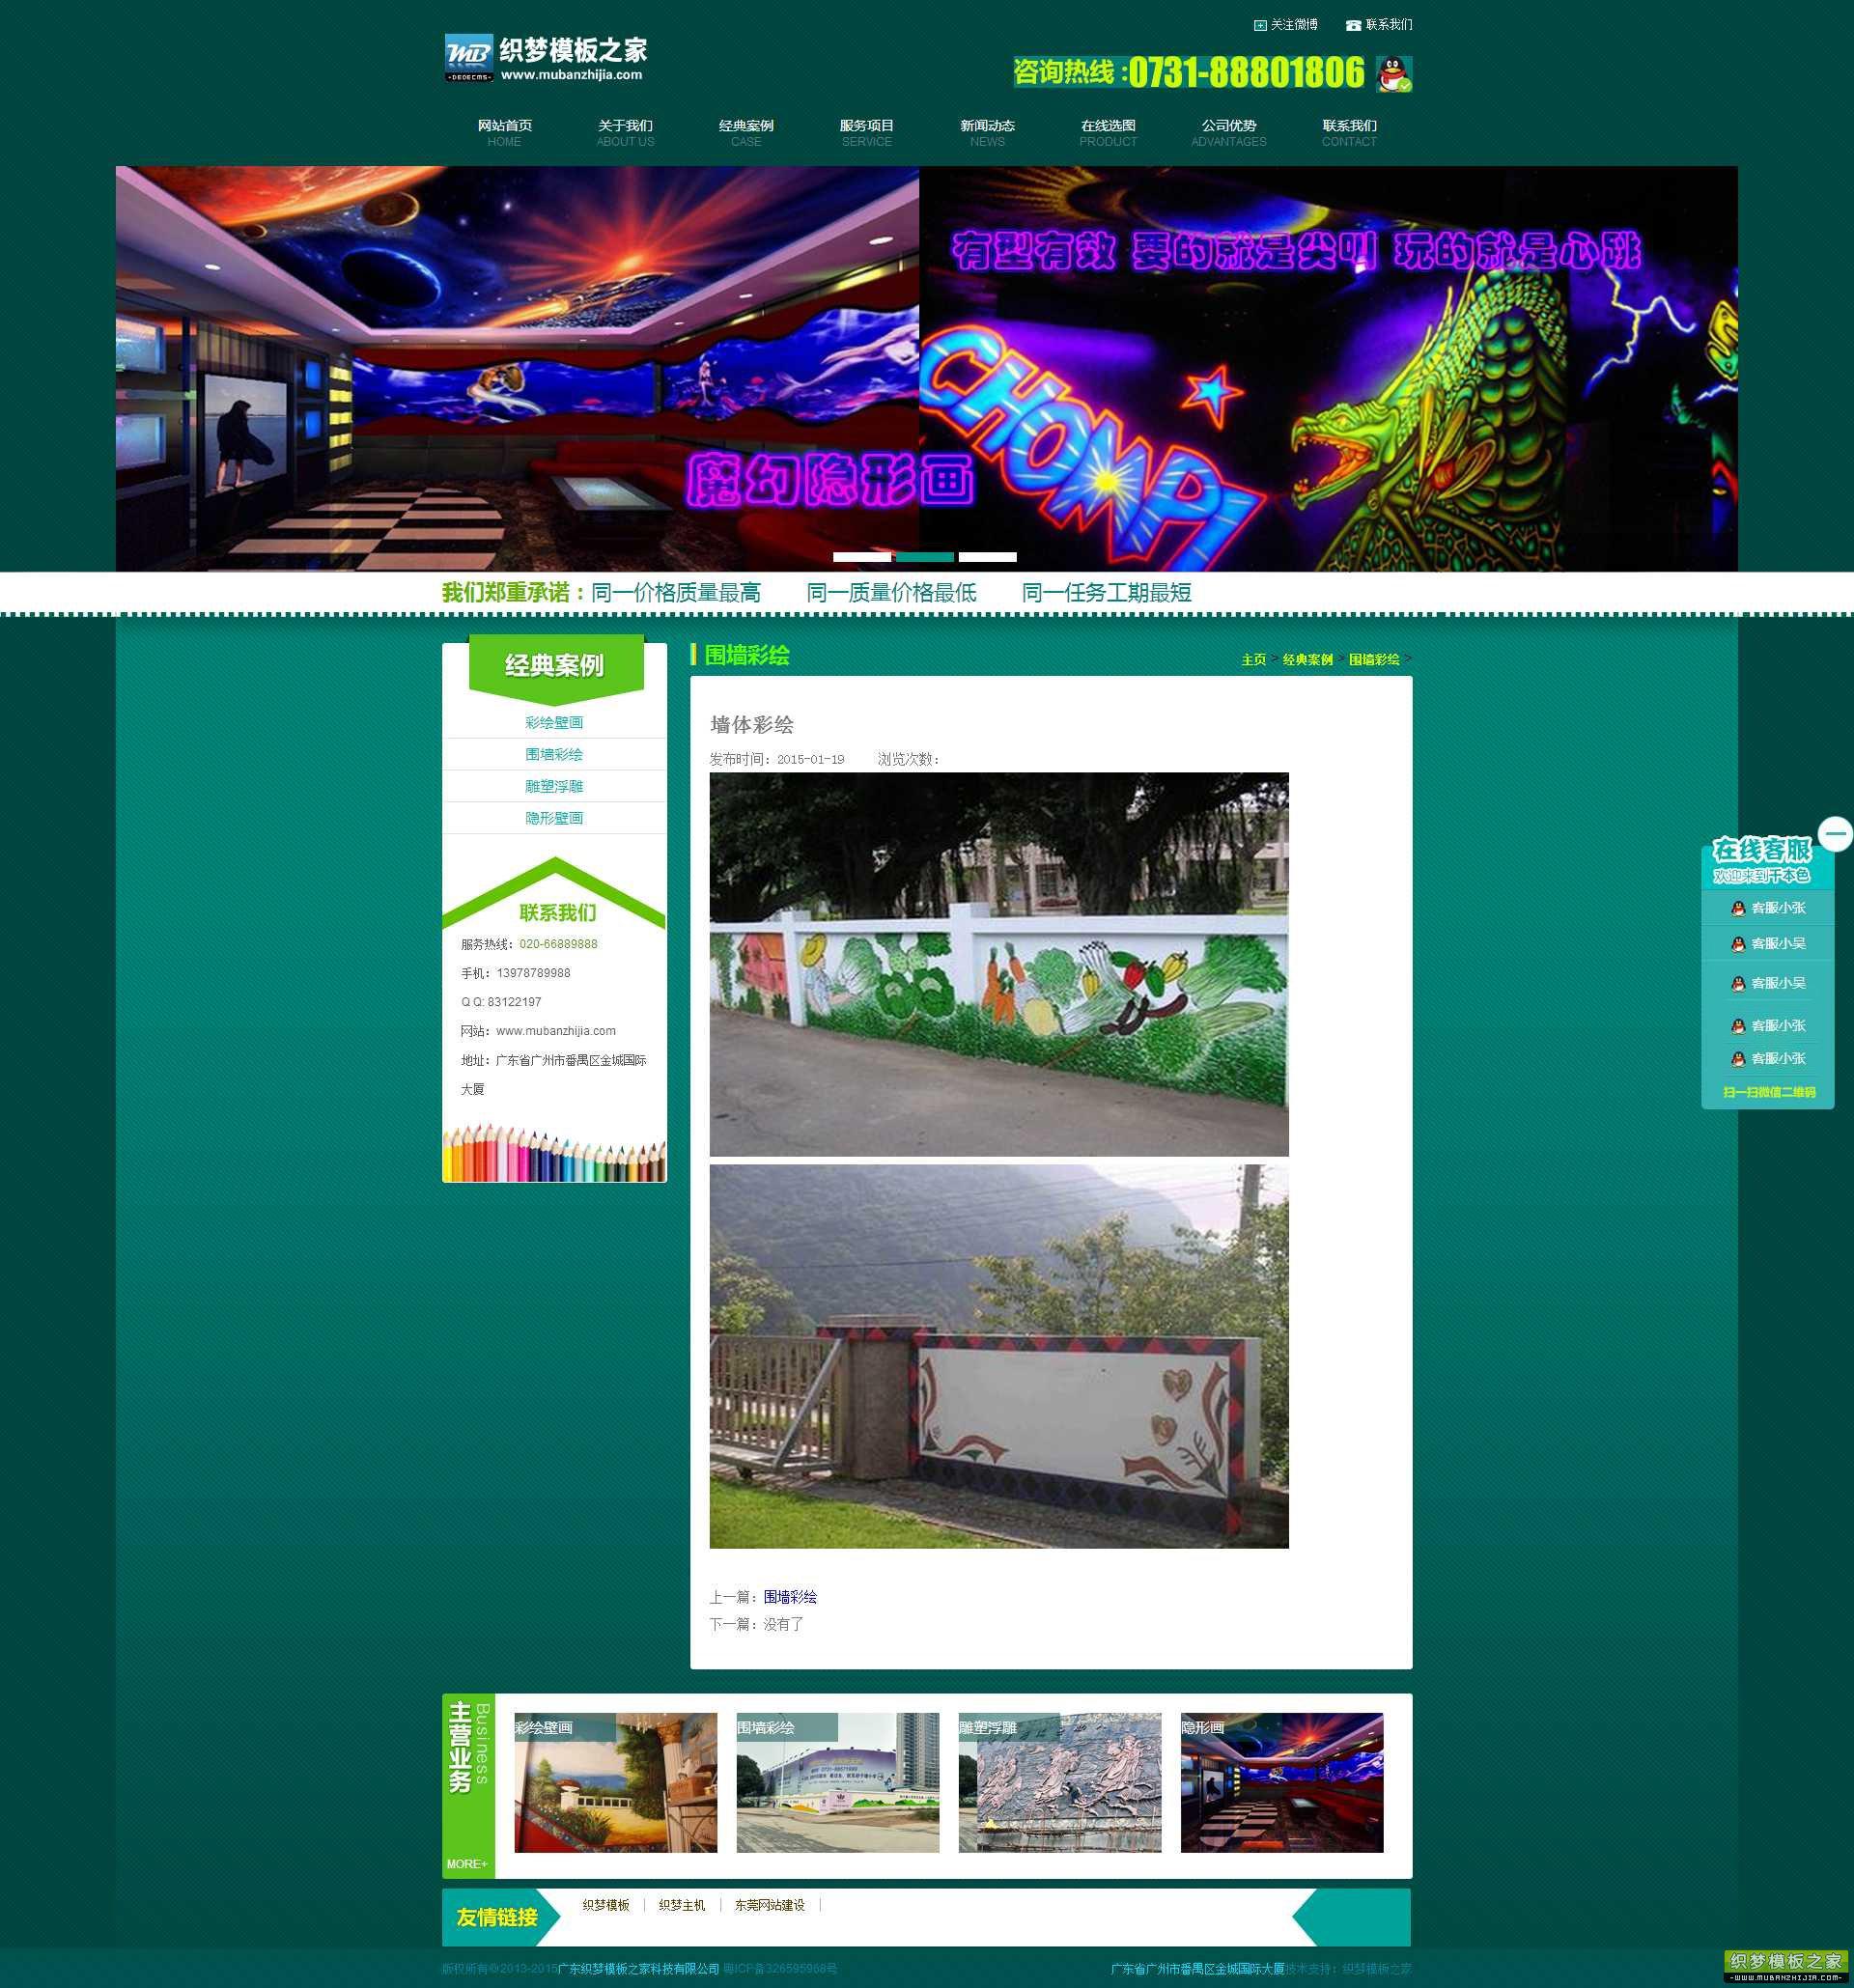 墙绘装饰设计公司网站织梦模板免费下载